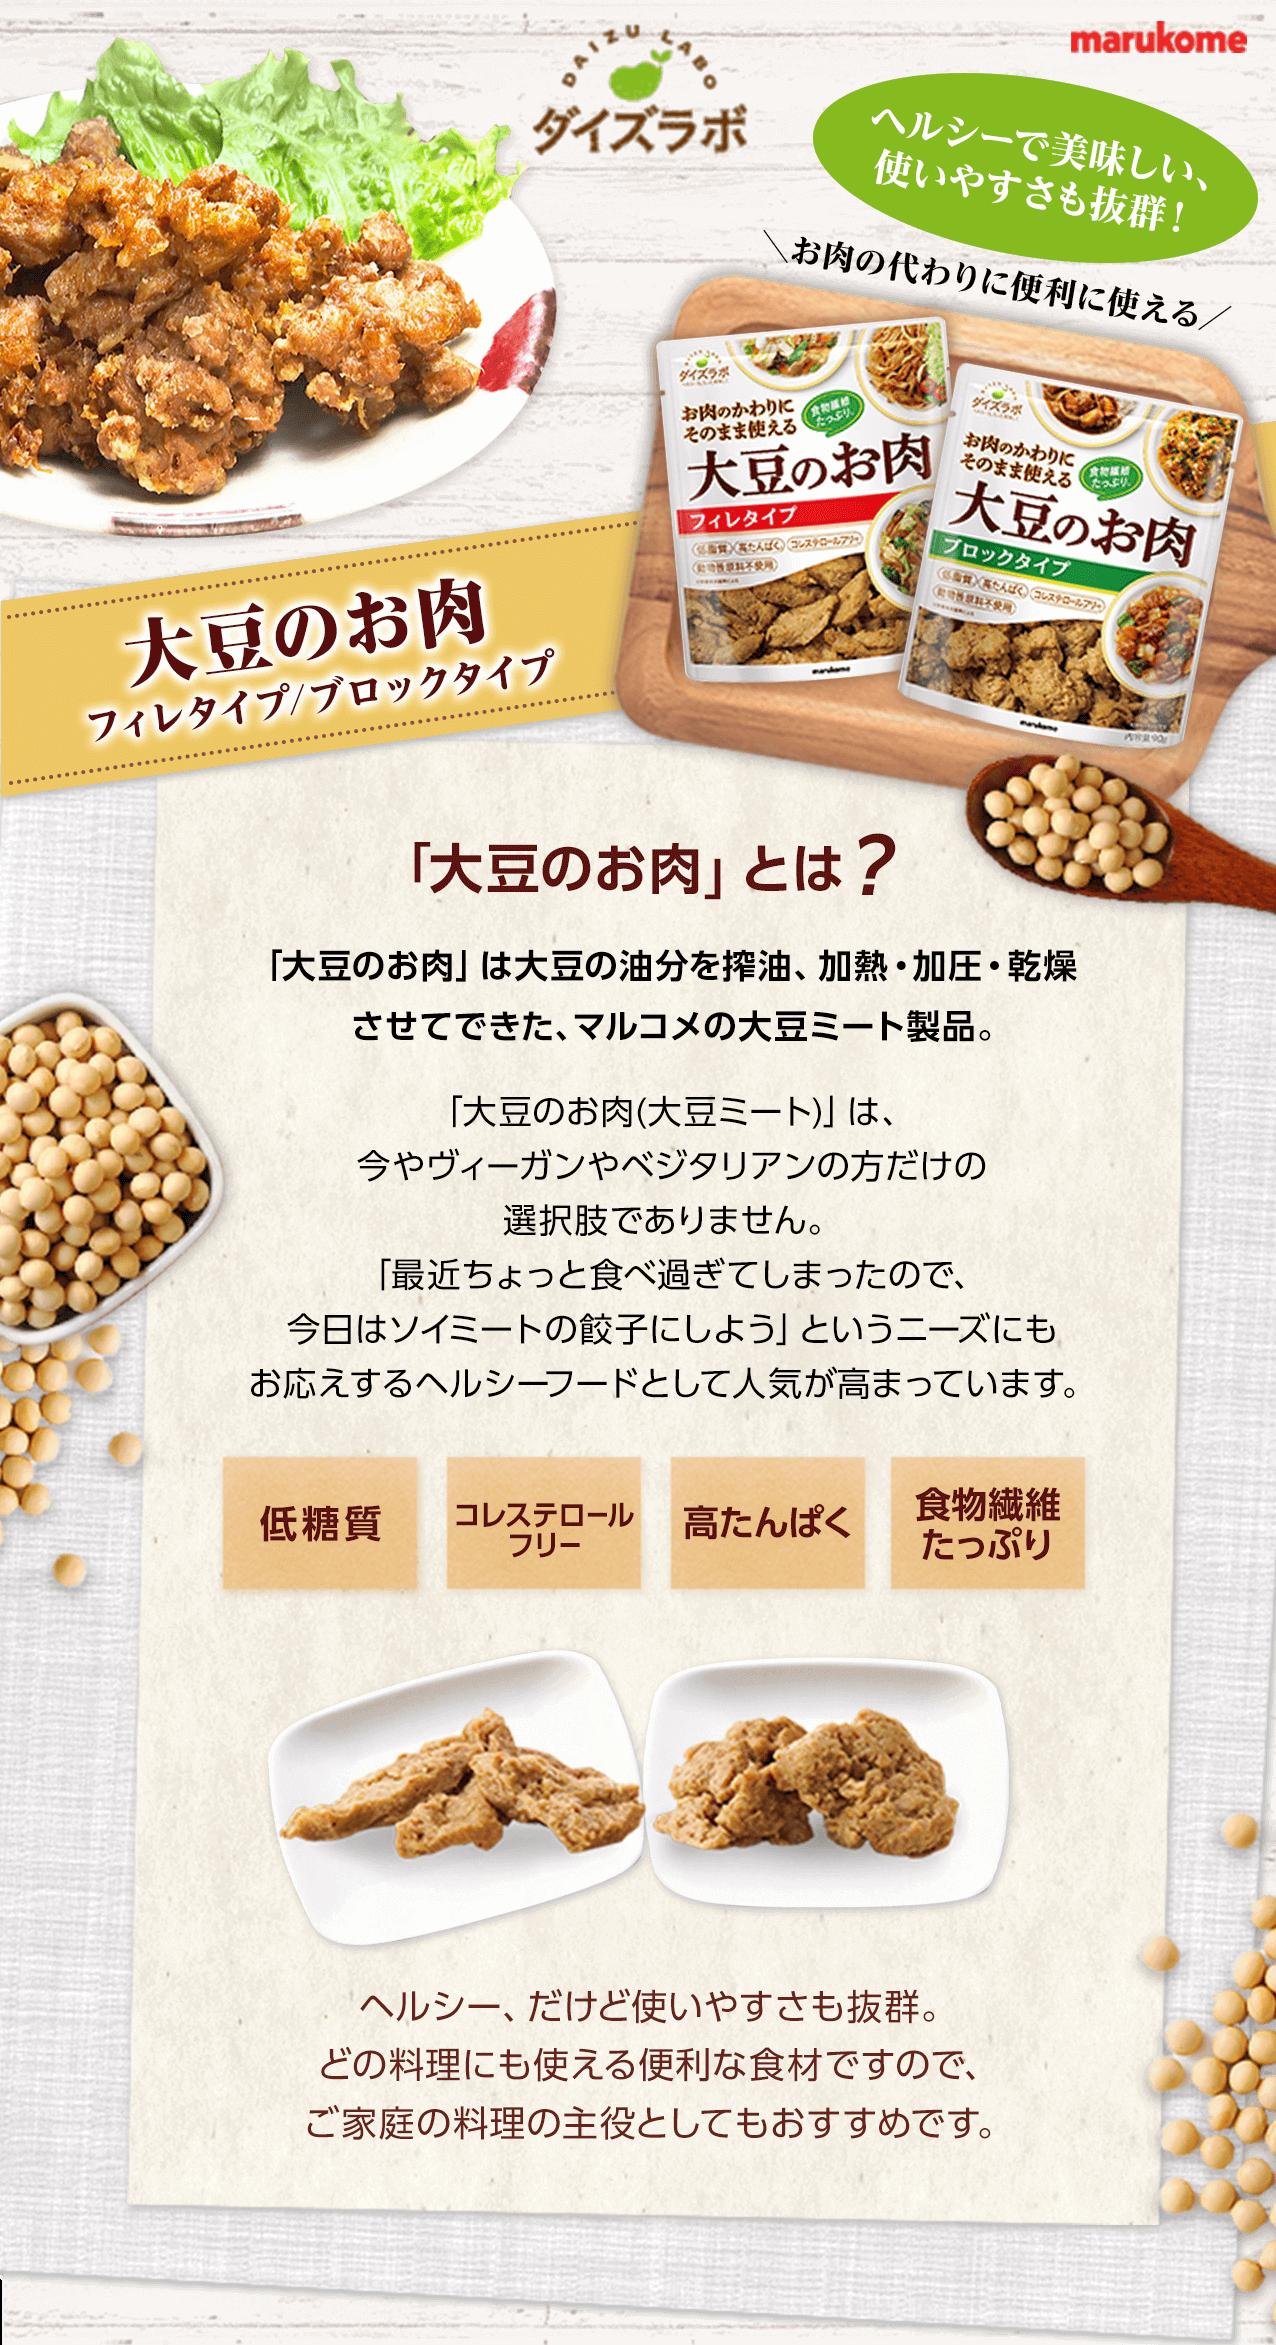 大豆のお肉フィレタイプ/ブロックタイプ